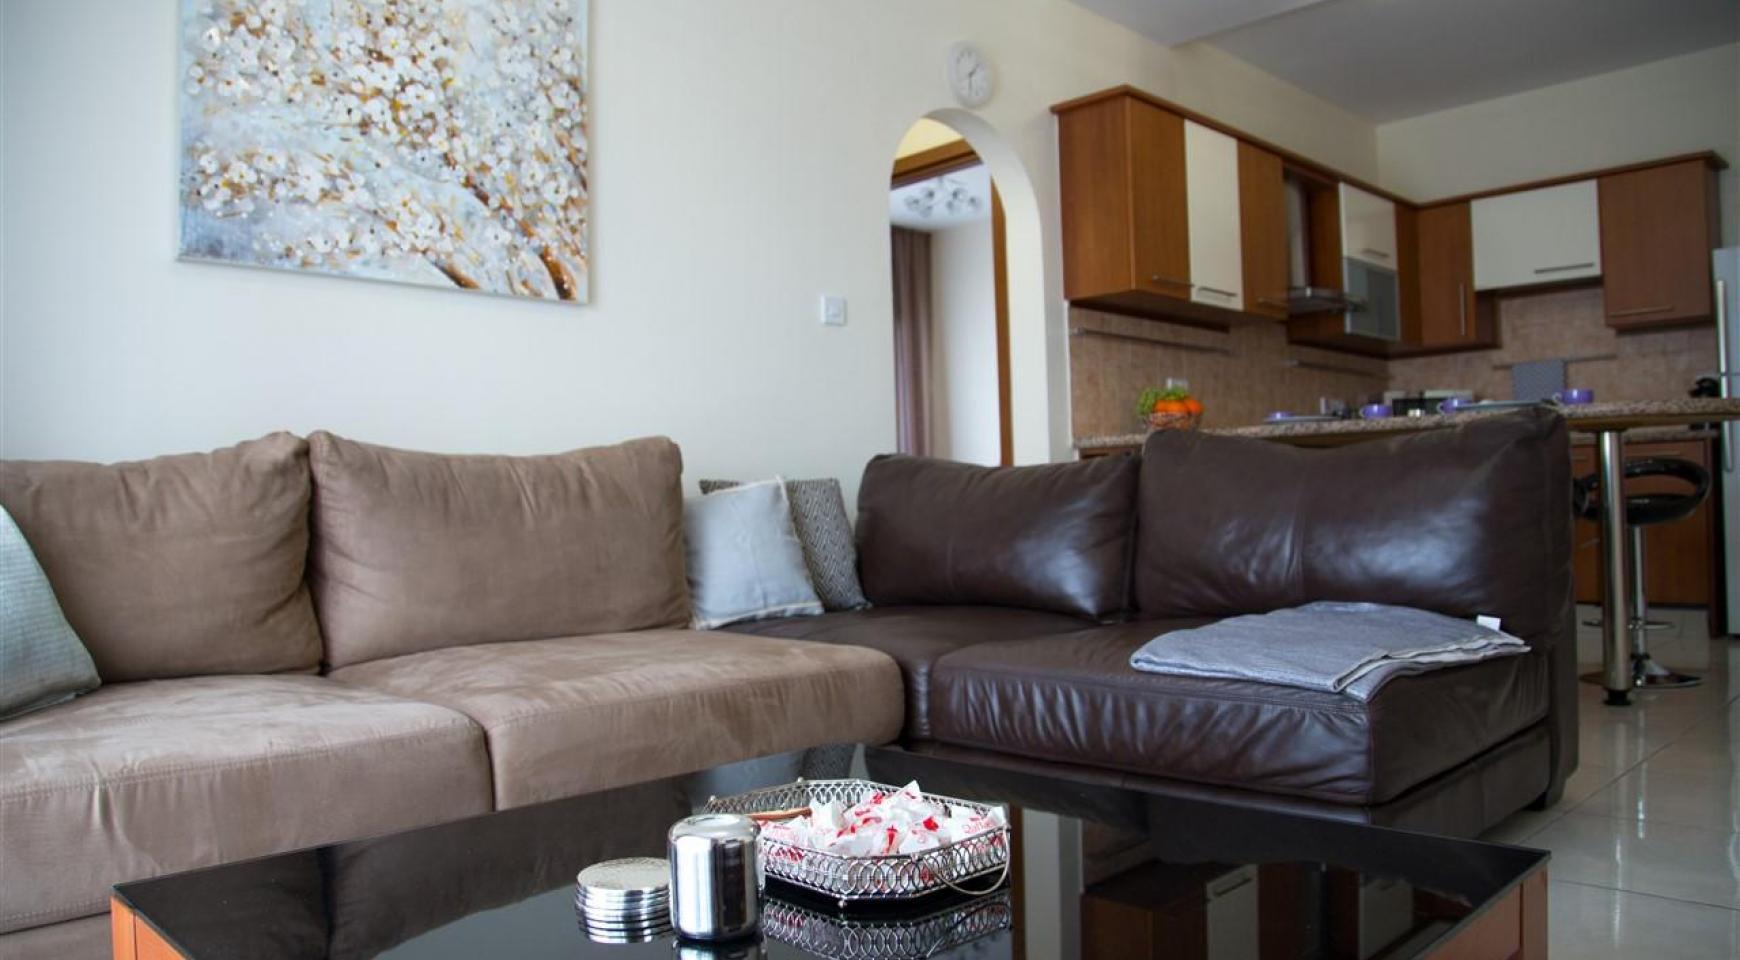 """2-Спальная Квартира - Люкс """"Mesogios Iris 304"""" в Туристической Зоне возле Моря - 5"""